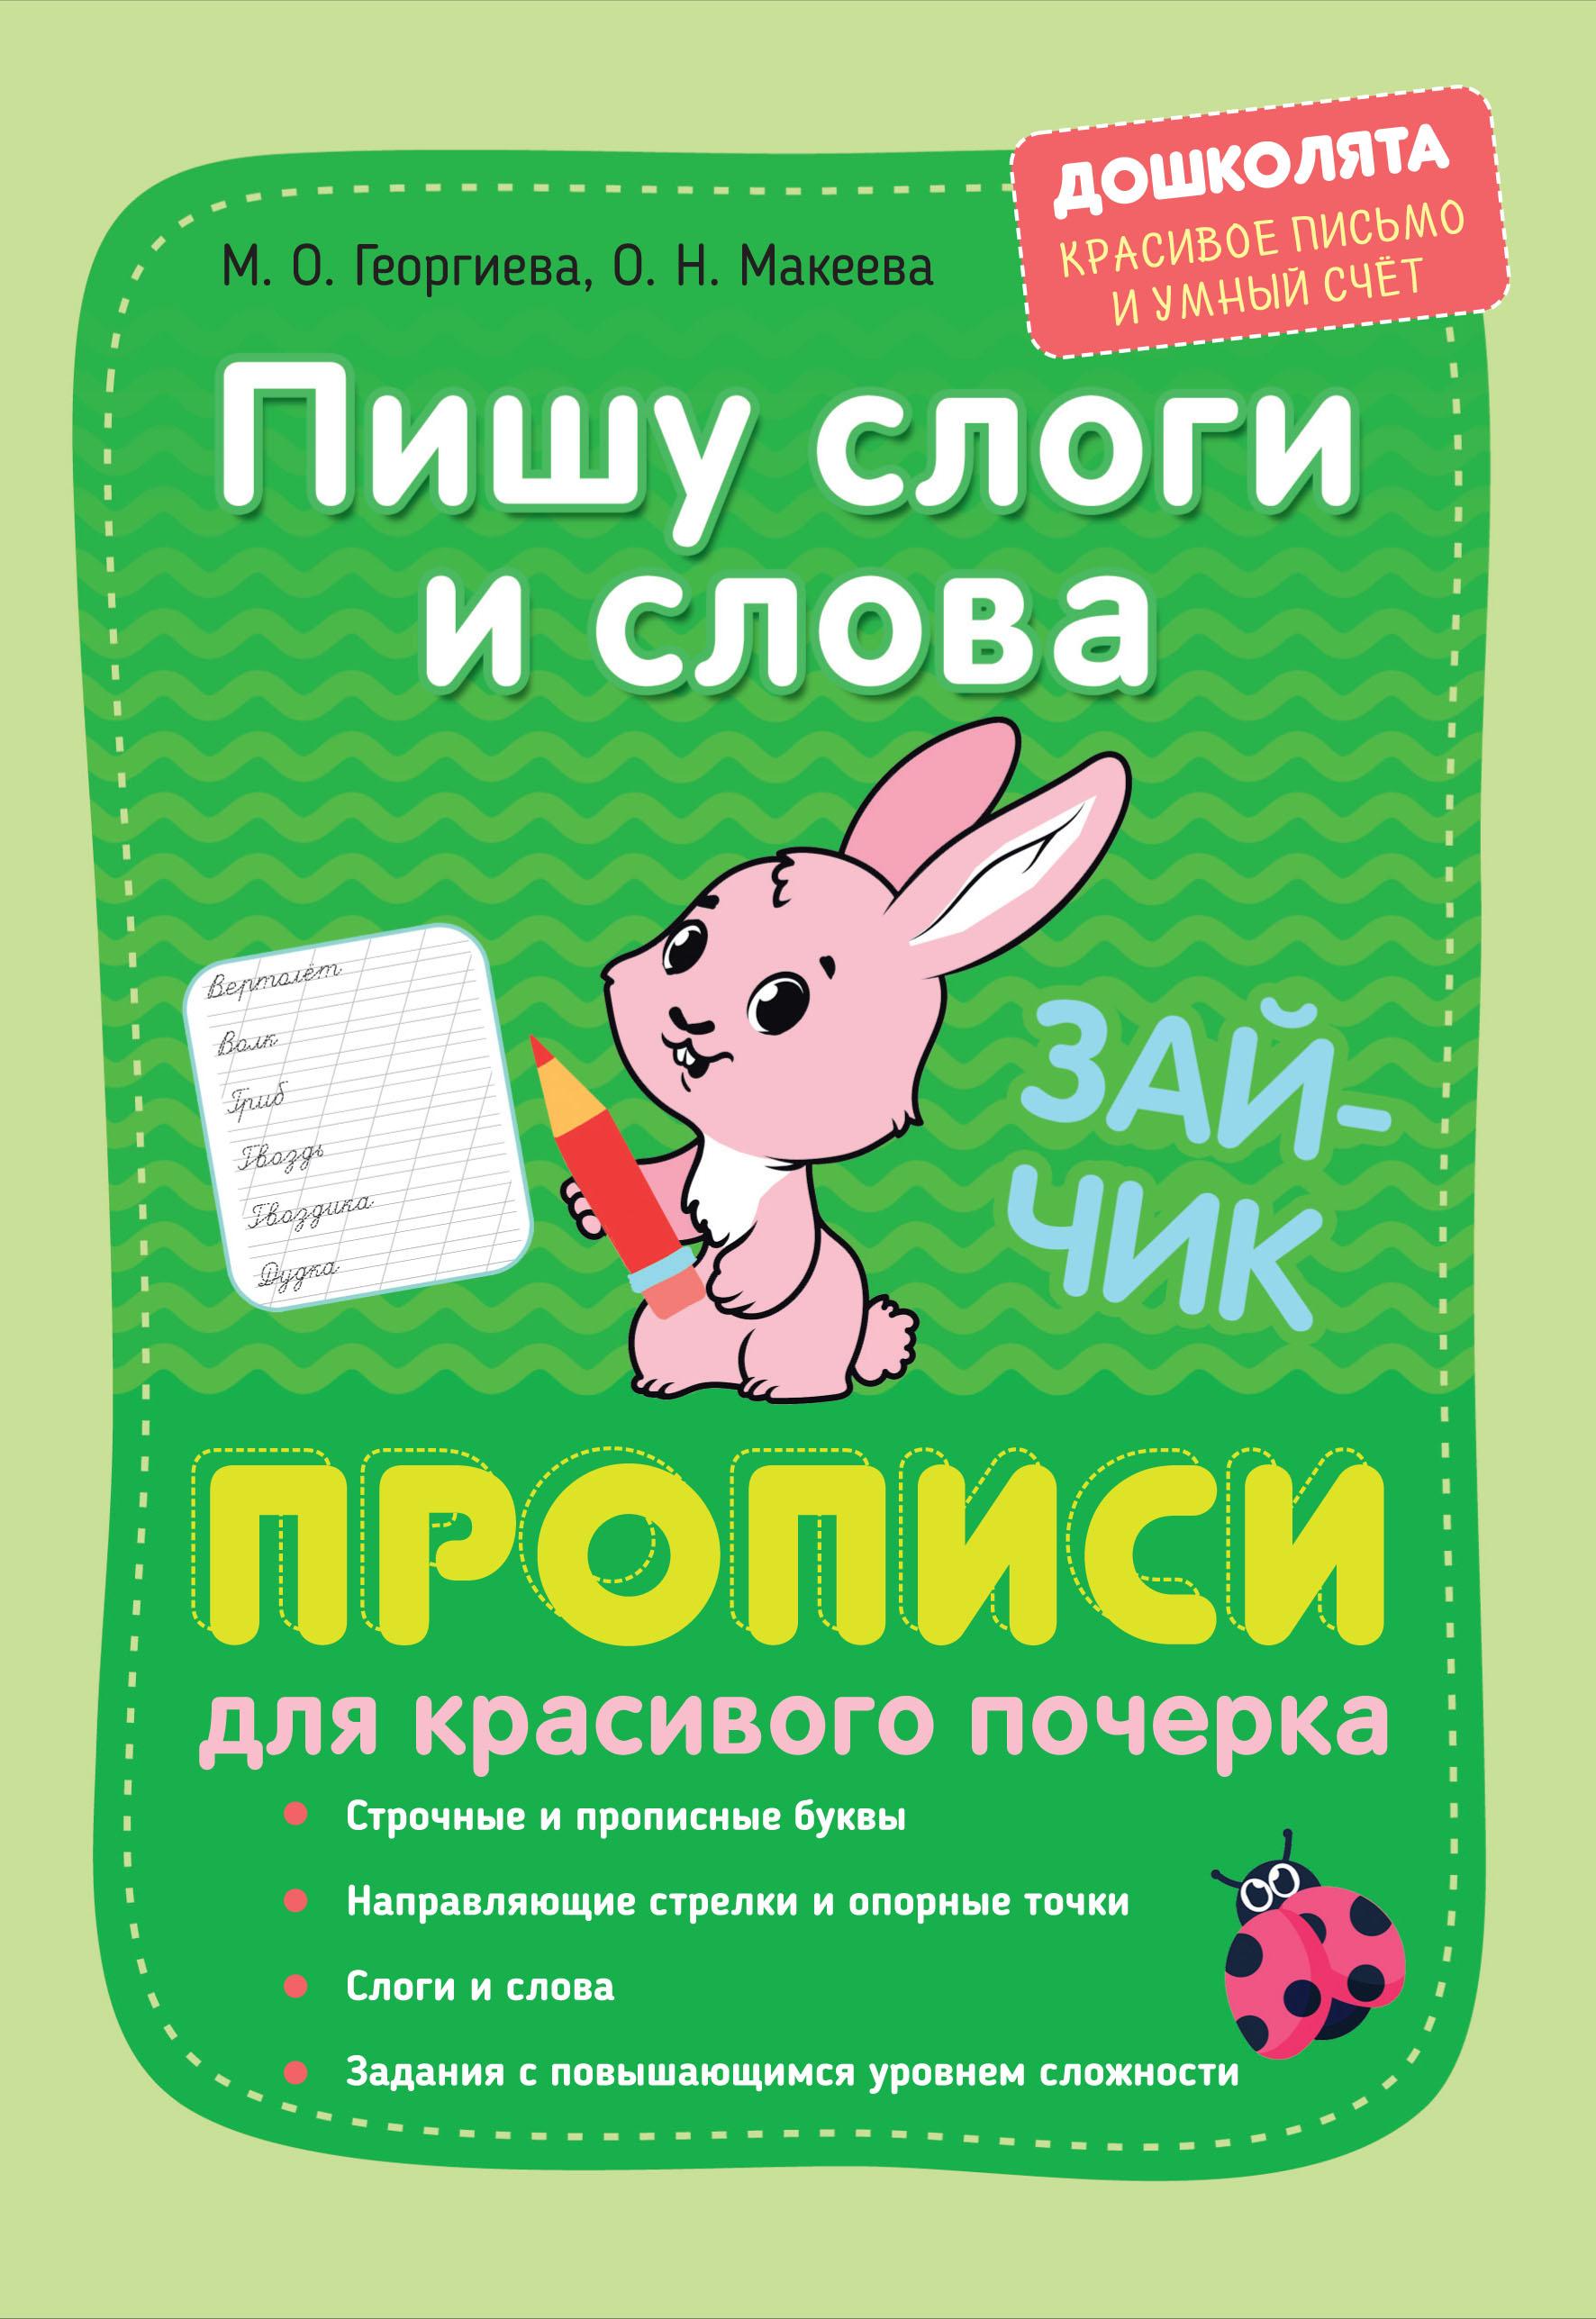 Пишу слоги и слова. Прописи для красивого почерка ( М. О. Георгиева  )